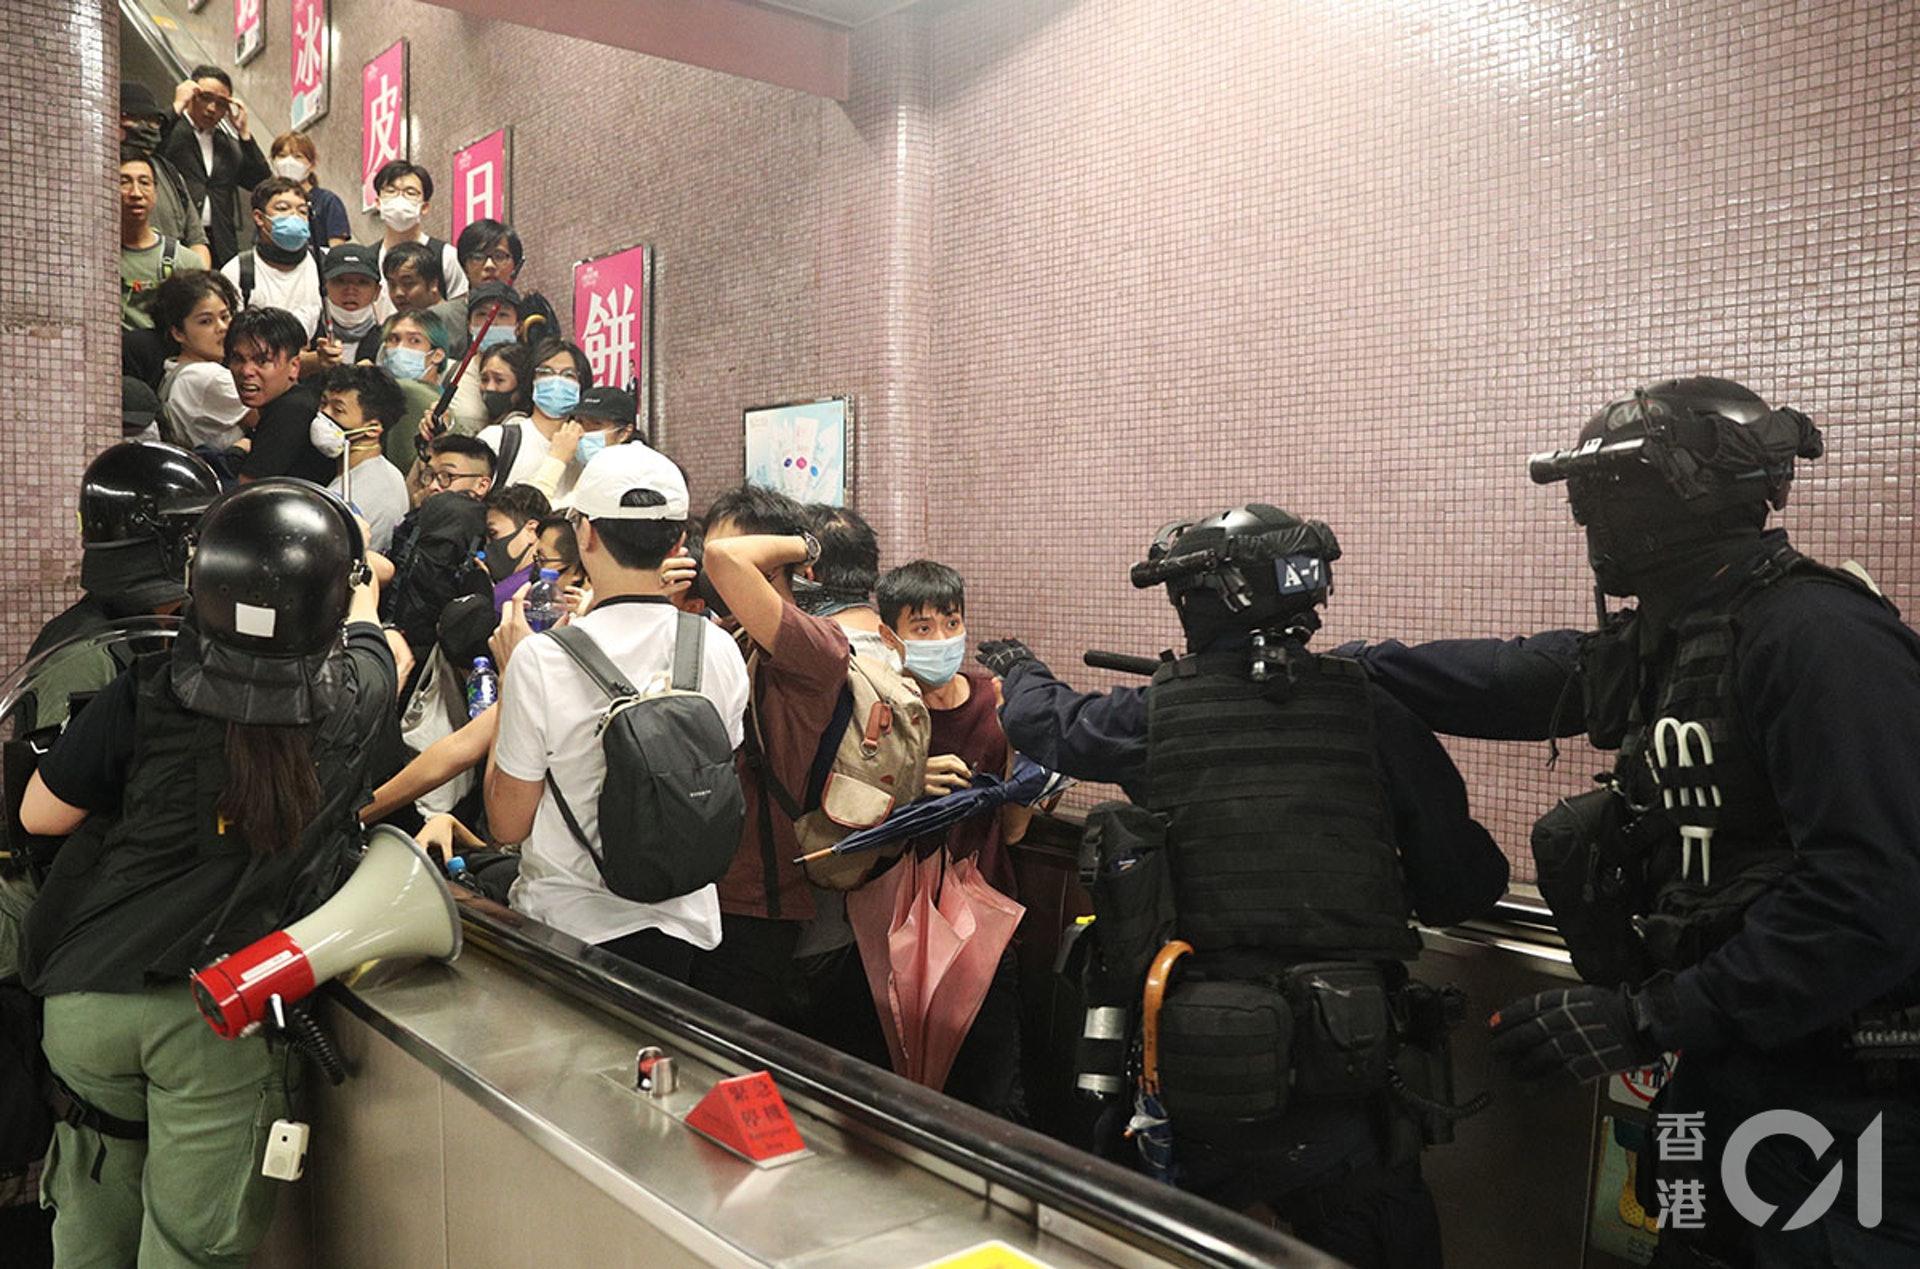 8月31日,太子站發生嚴重警民衝突,警方向車廂內發射胡椒噴霧,並到車內揮動警棍,多人受傷,之後警方退出車廂,將車站內的人限制在扶手電梯內,逐個拘捕。(余俊亮攝)